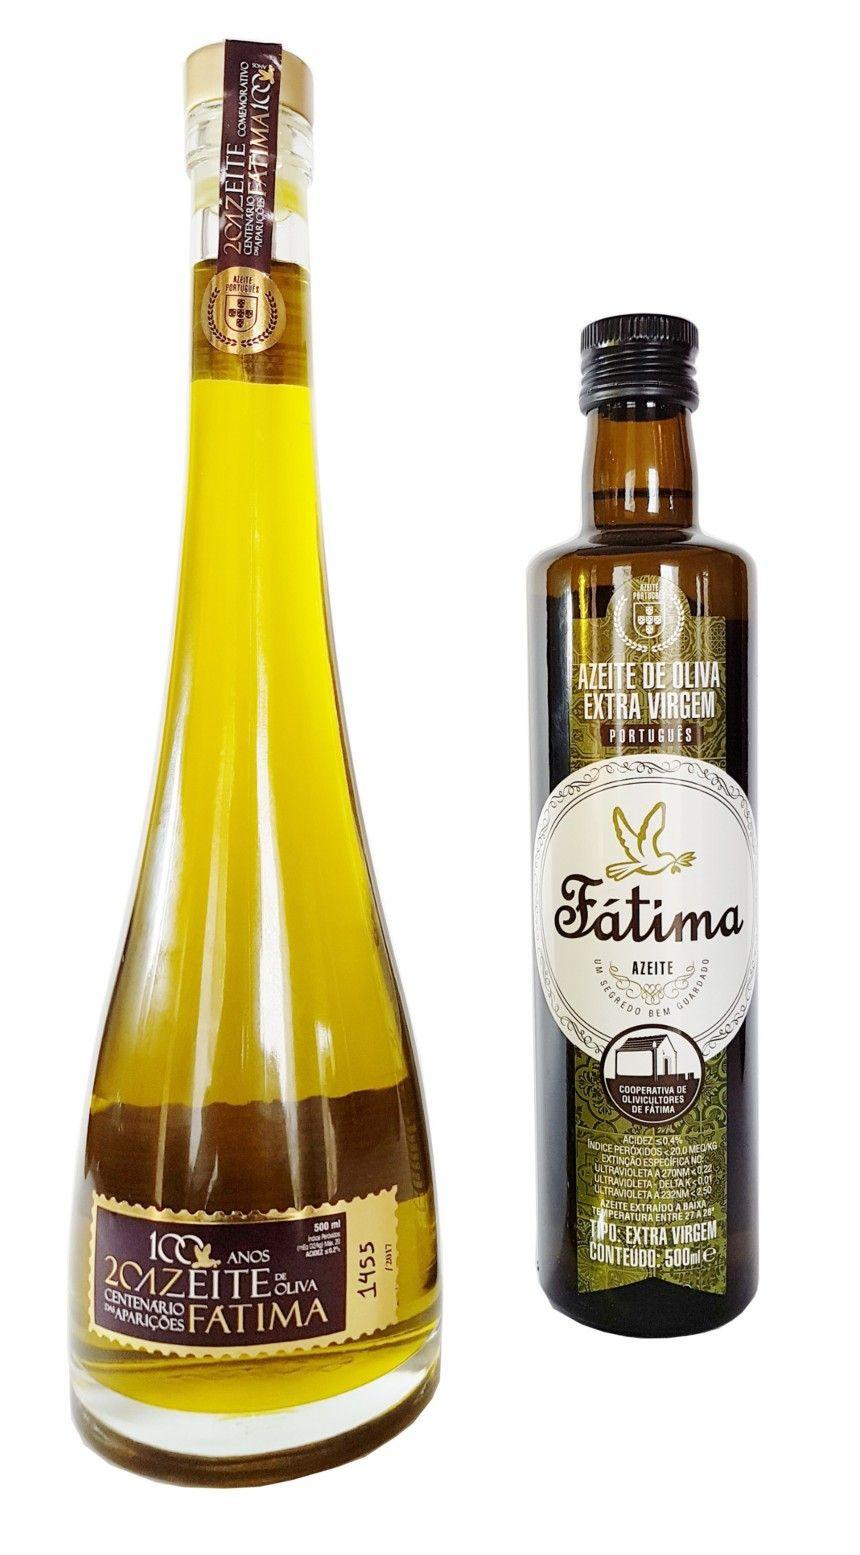 Azeite de Oliva Extra Virgem Fátima Centenário - 500 ml -